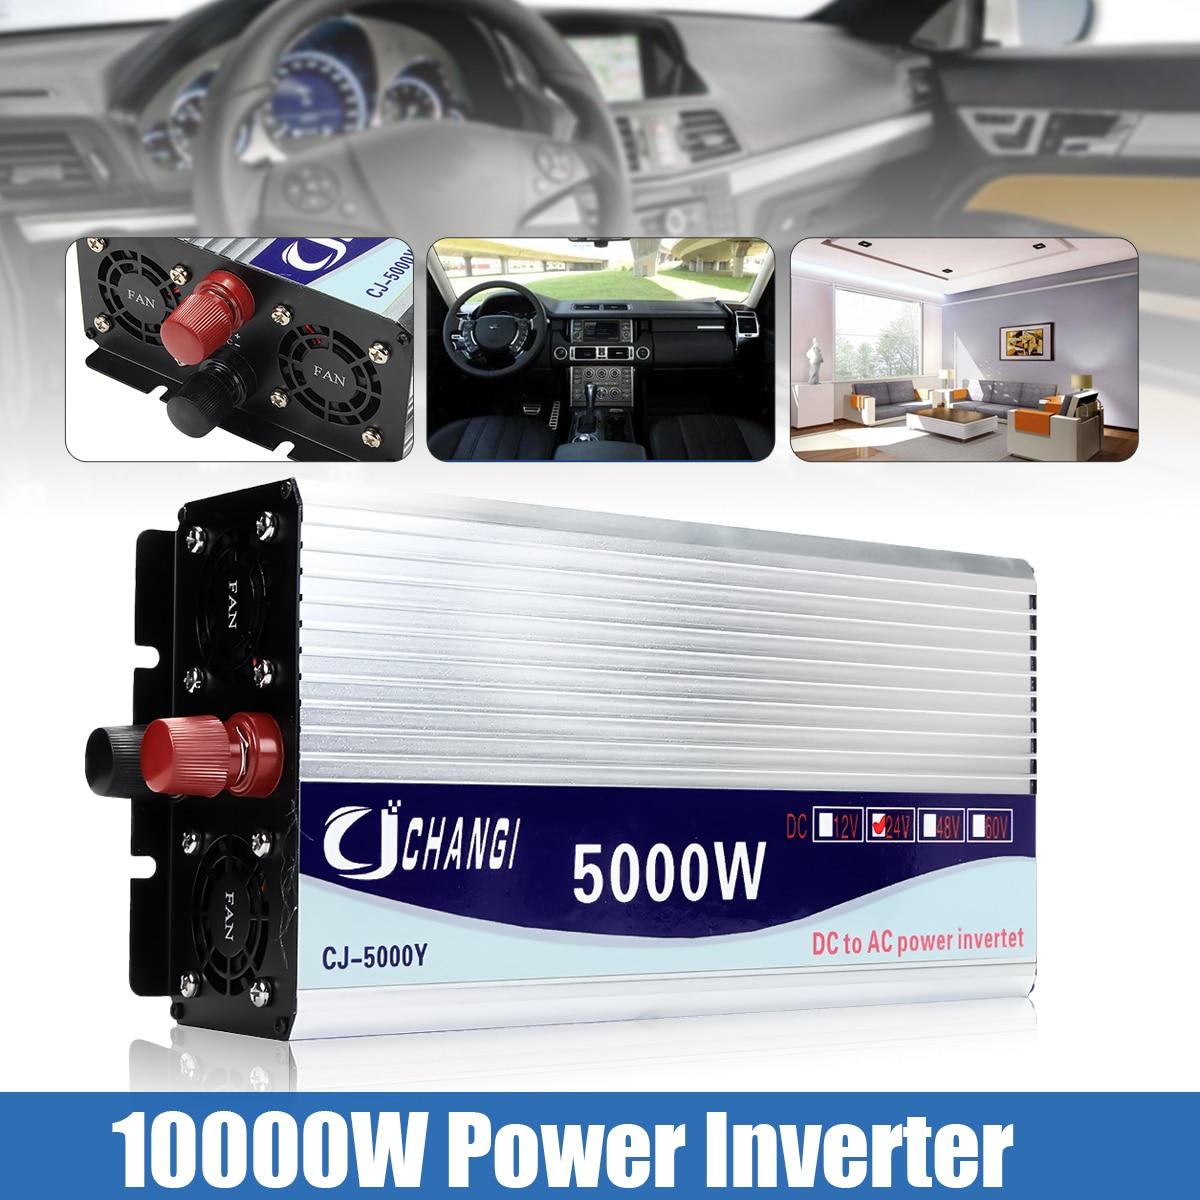 Inverter 12 v/24 v/48 v 220 v 5000 w 10000 w P eak Onda Sinusoidale Modificata trasformatore di Tensione di alimentazione Inverter Converter + display LCD